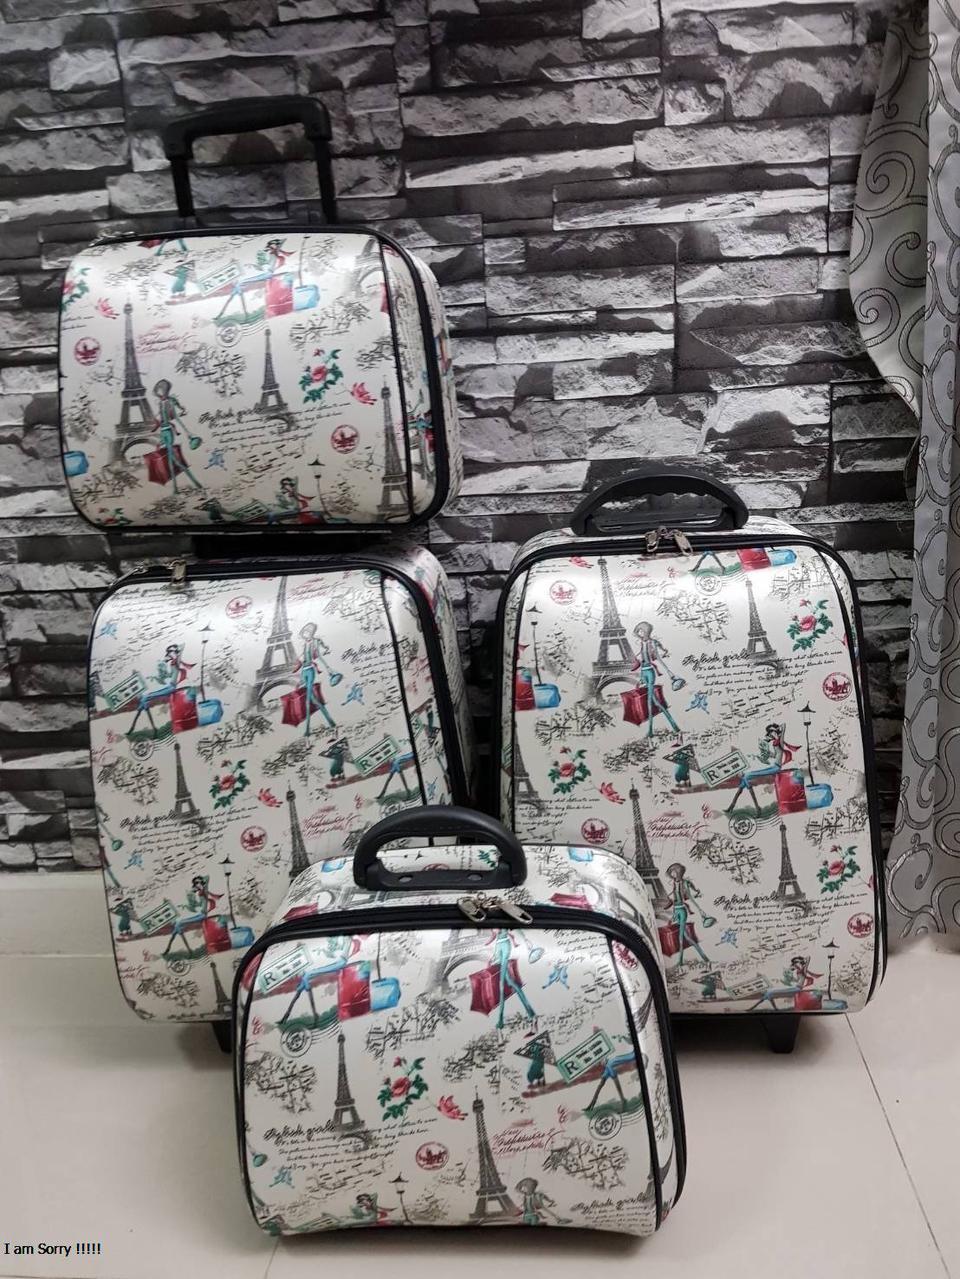 กระเป๋าเดินทางแบบผ้า เซ็ทคู่ 18/13 นิ้ว ลายหอไอเฟว รูปที่ 4